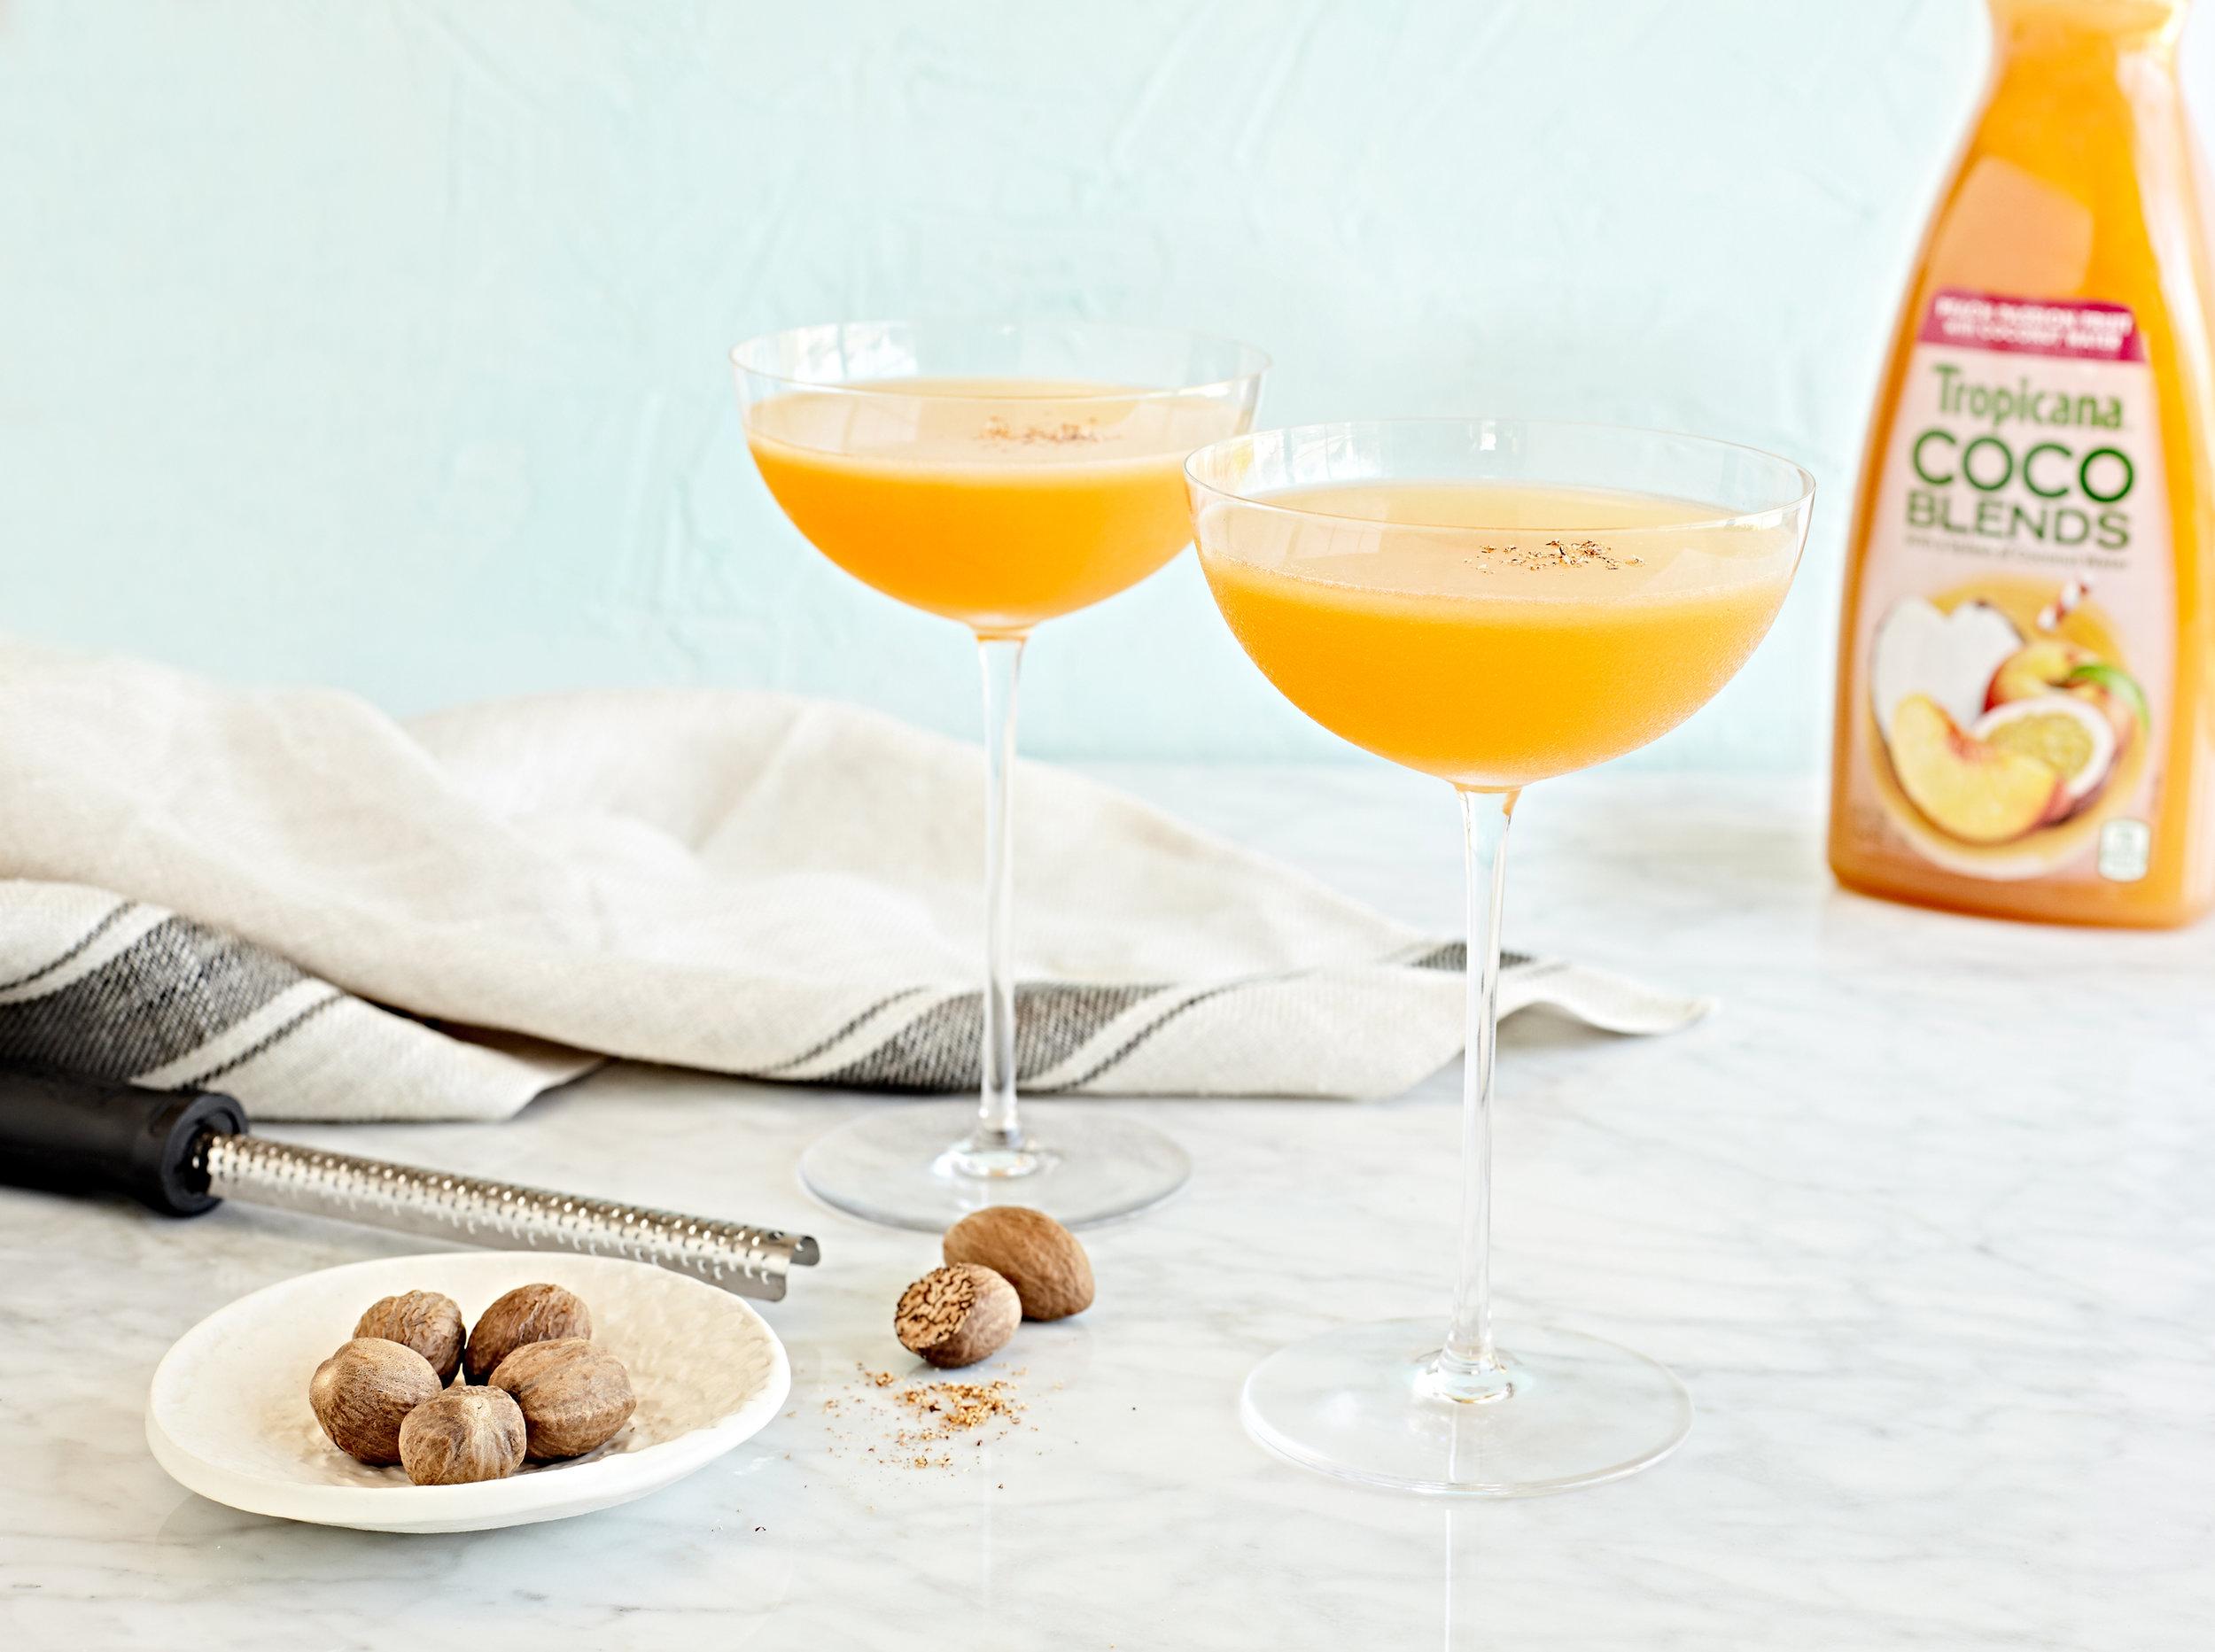 20180619-Tropicana-Cocktails-harvest-spice-4287-bottle.jpg